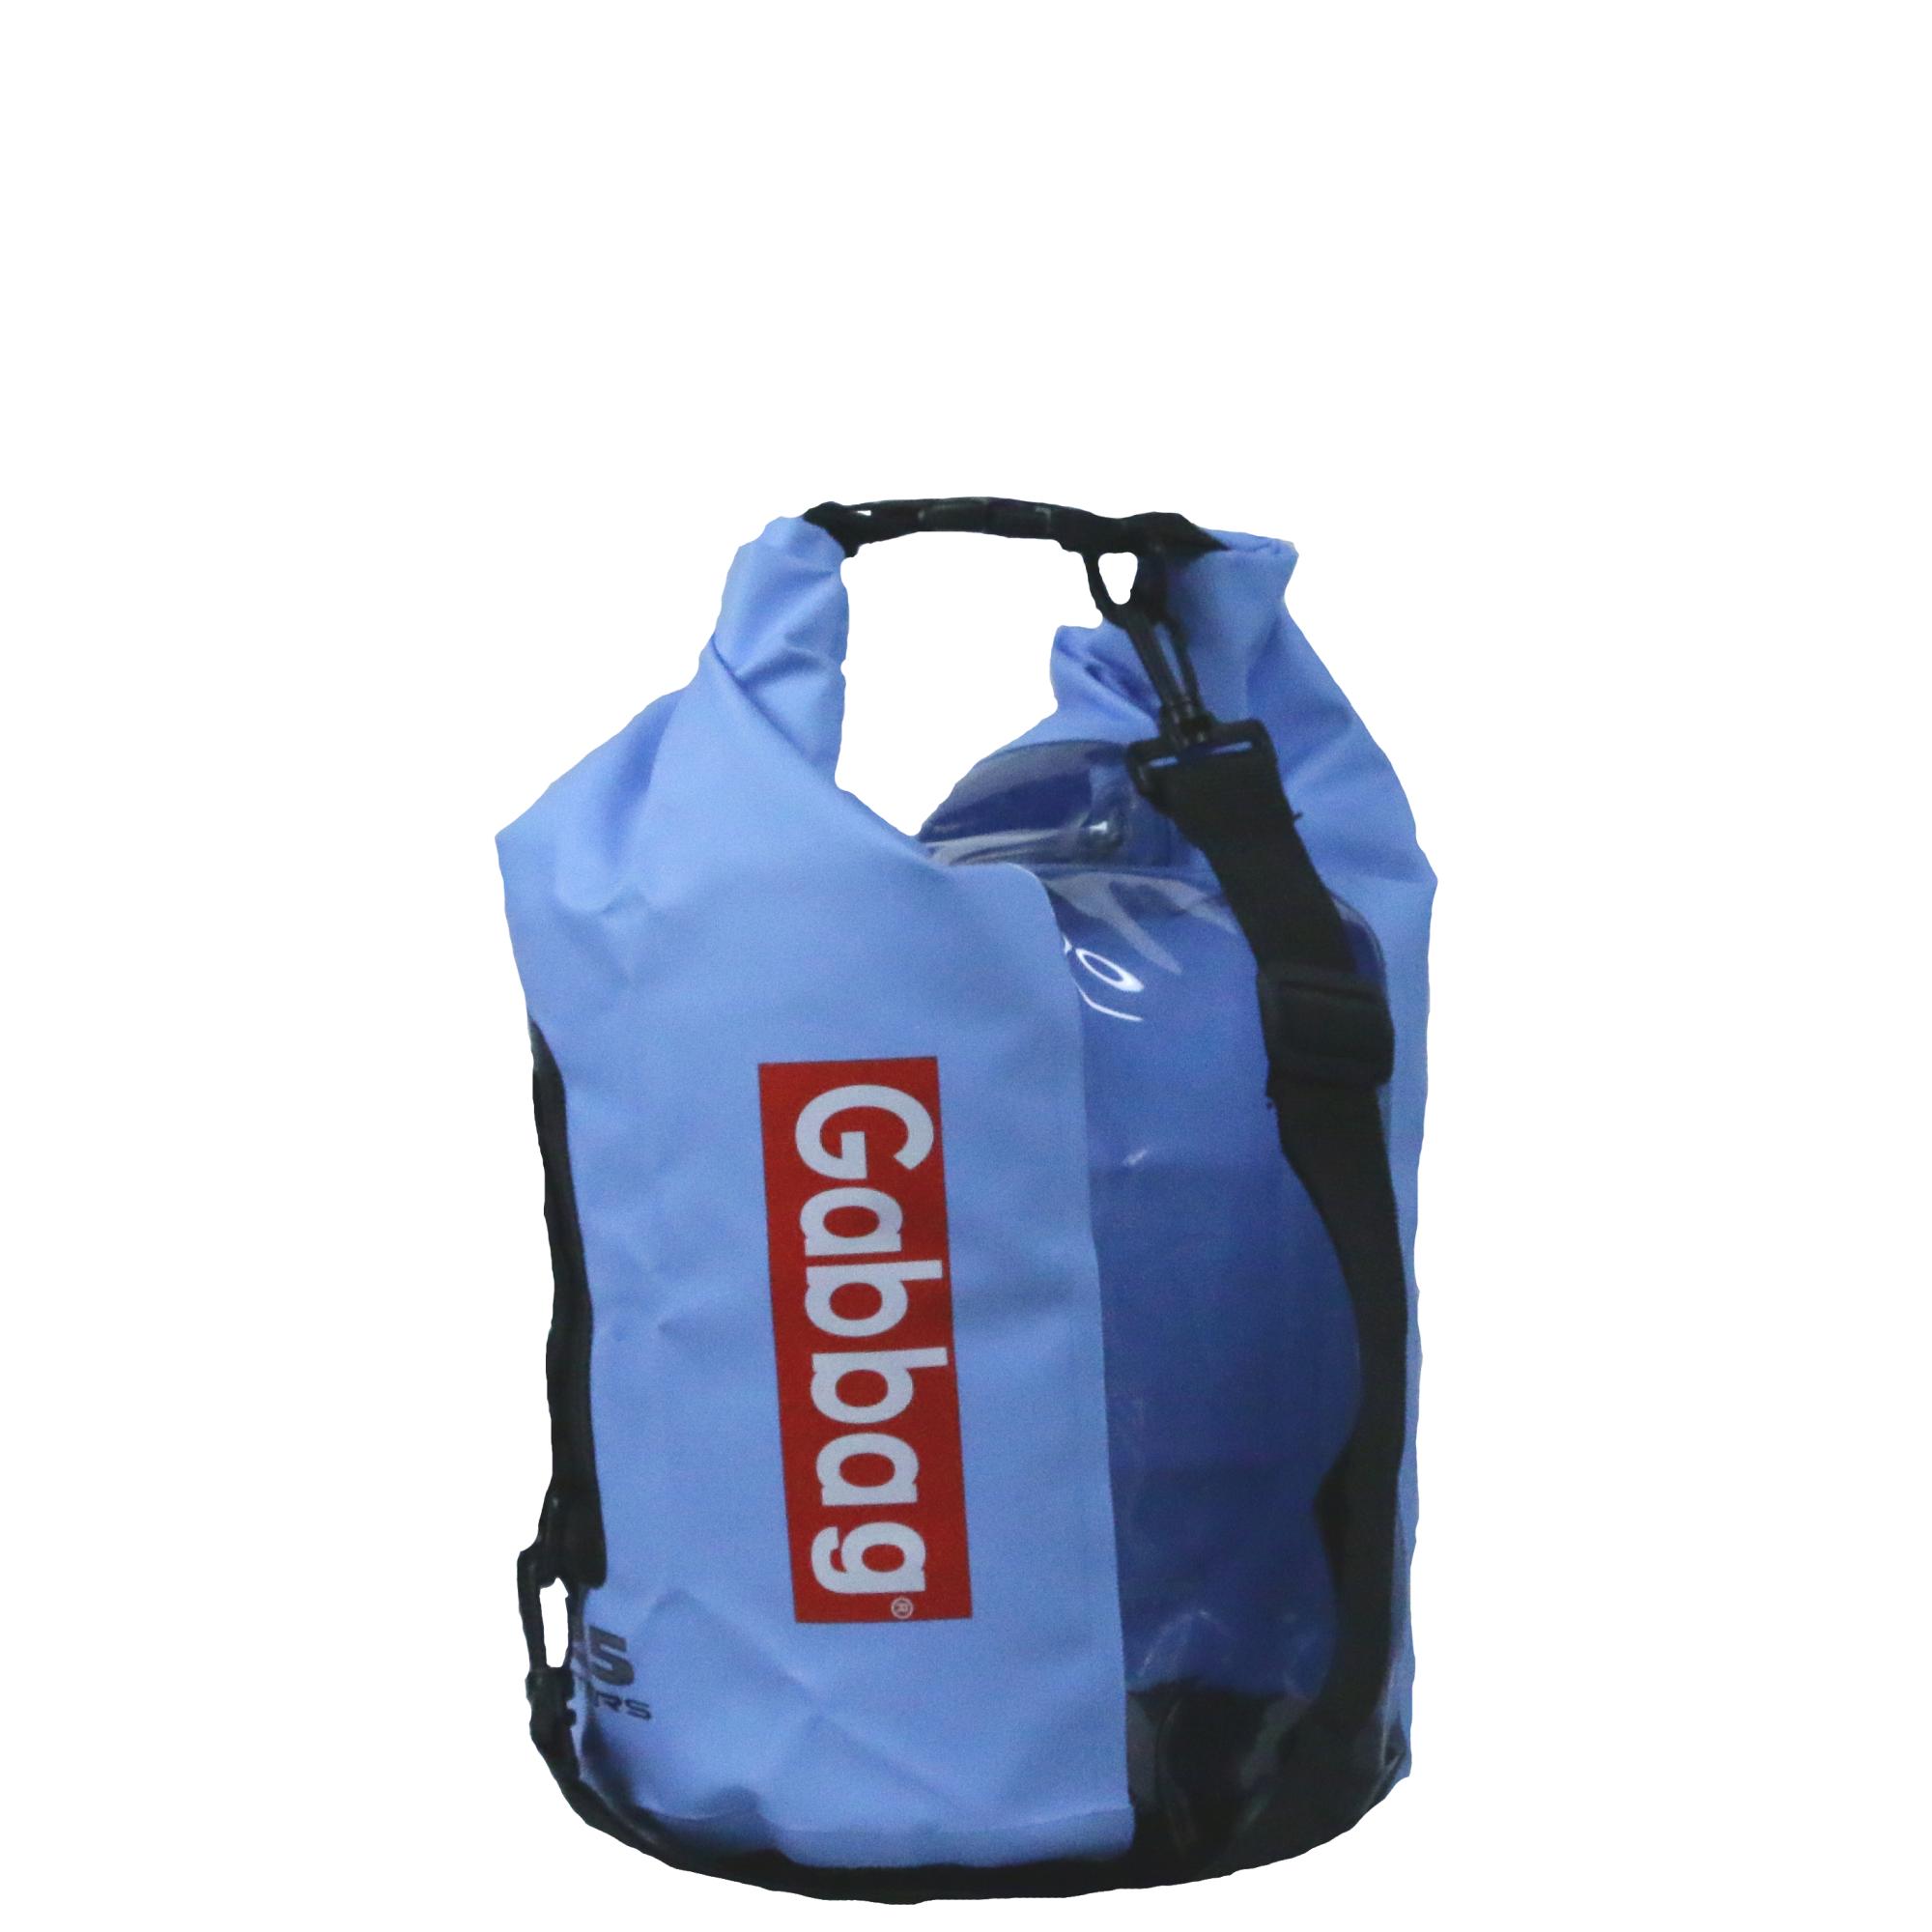 blauwe waterdichte zak 25 liter